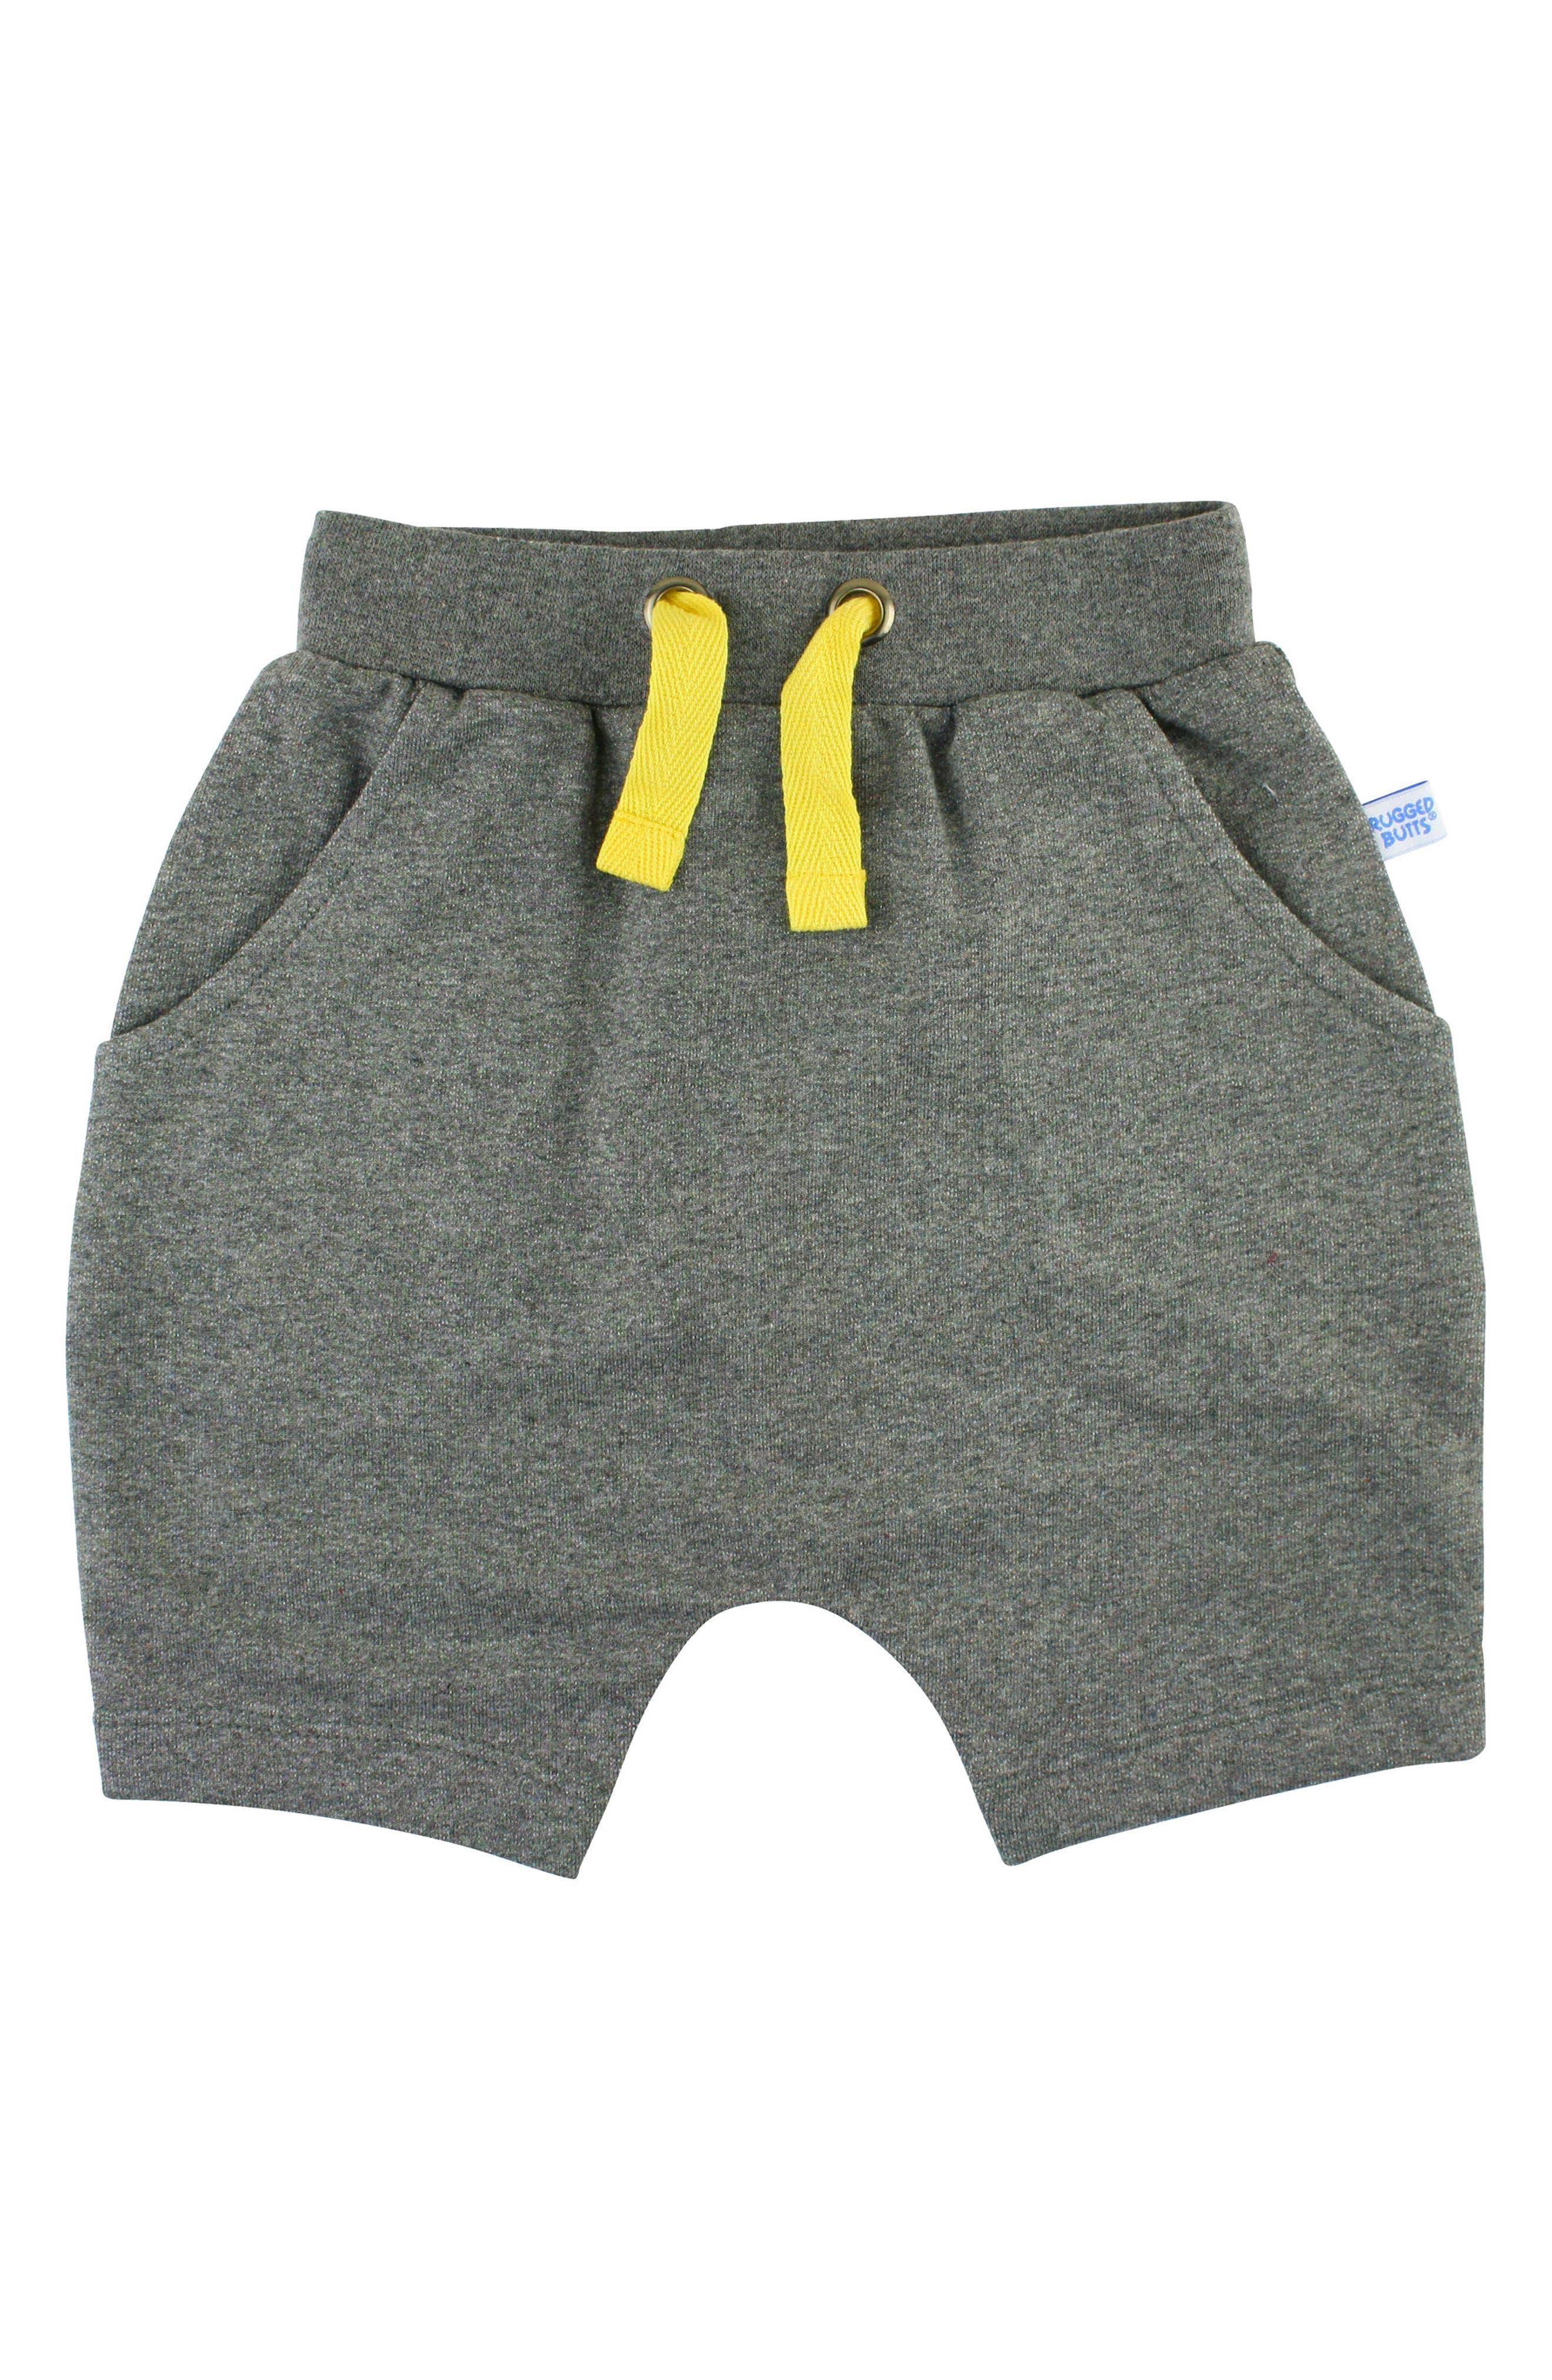 Jogger Shorts,                         Main,                         color, 020